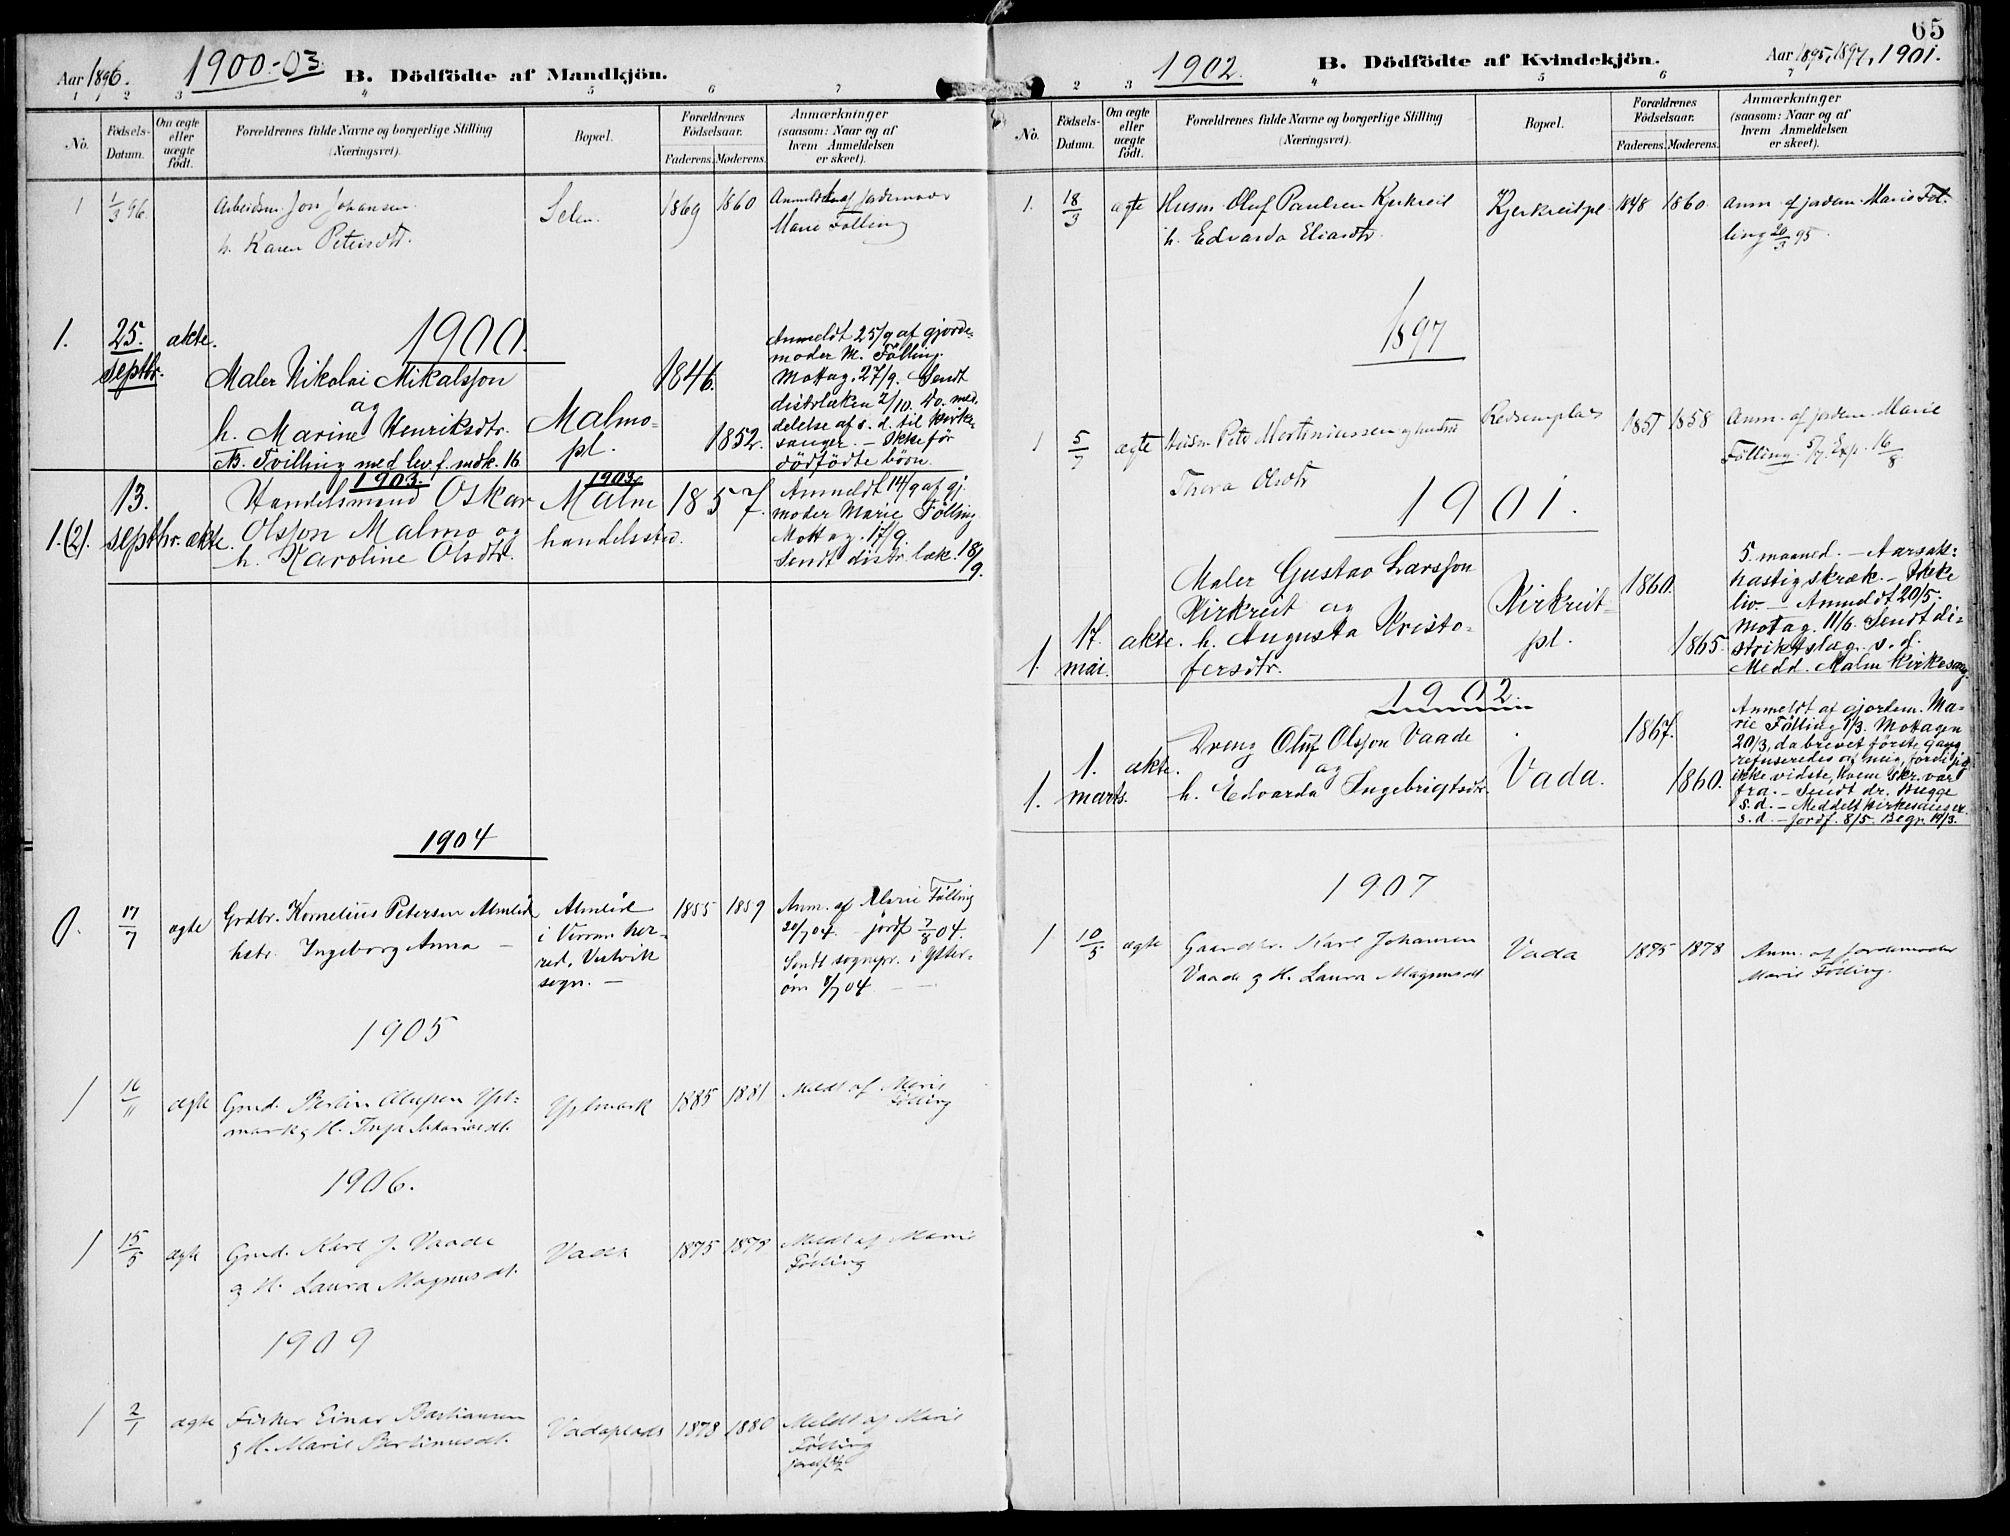 SAT, Ministerialprotokoller, klokkerbøker og fødselsregistre - Nord-Trøndelag, 745/L0430: Ministerialbok nr. 745A02, 1895-1913, s. 65